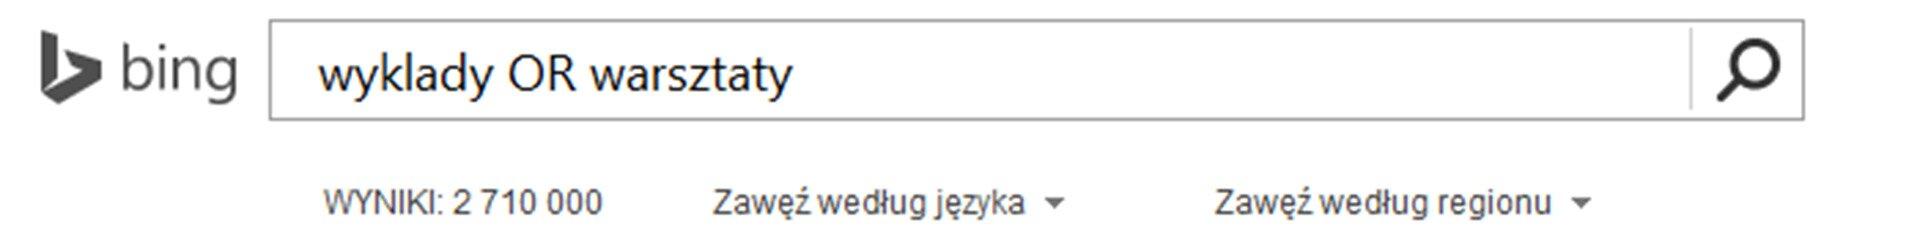 Zrzut paska wyszukiwarki Bing zwpisanymi słowami kluczowymi ioperatorem logicznym OR